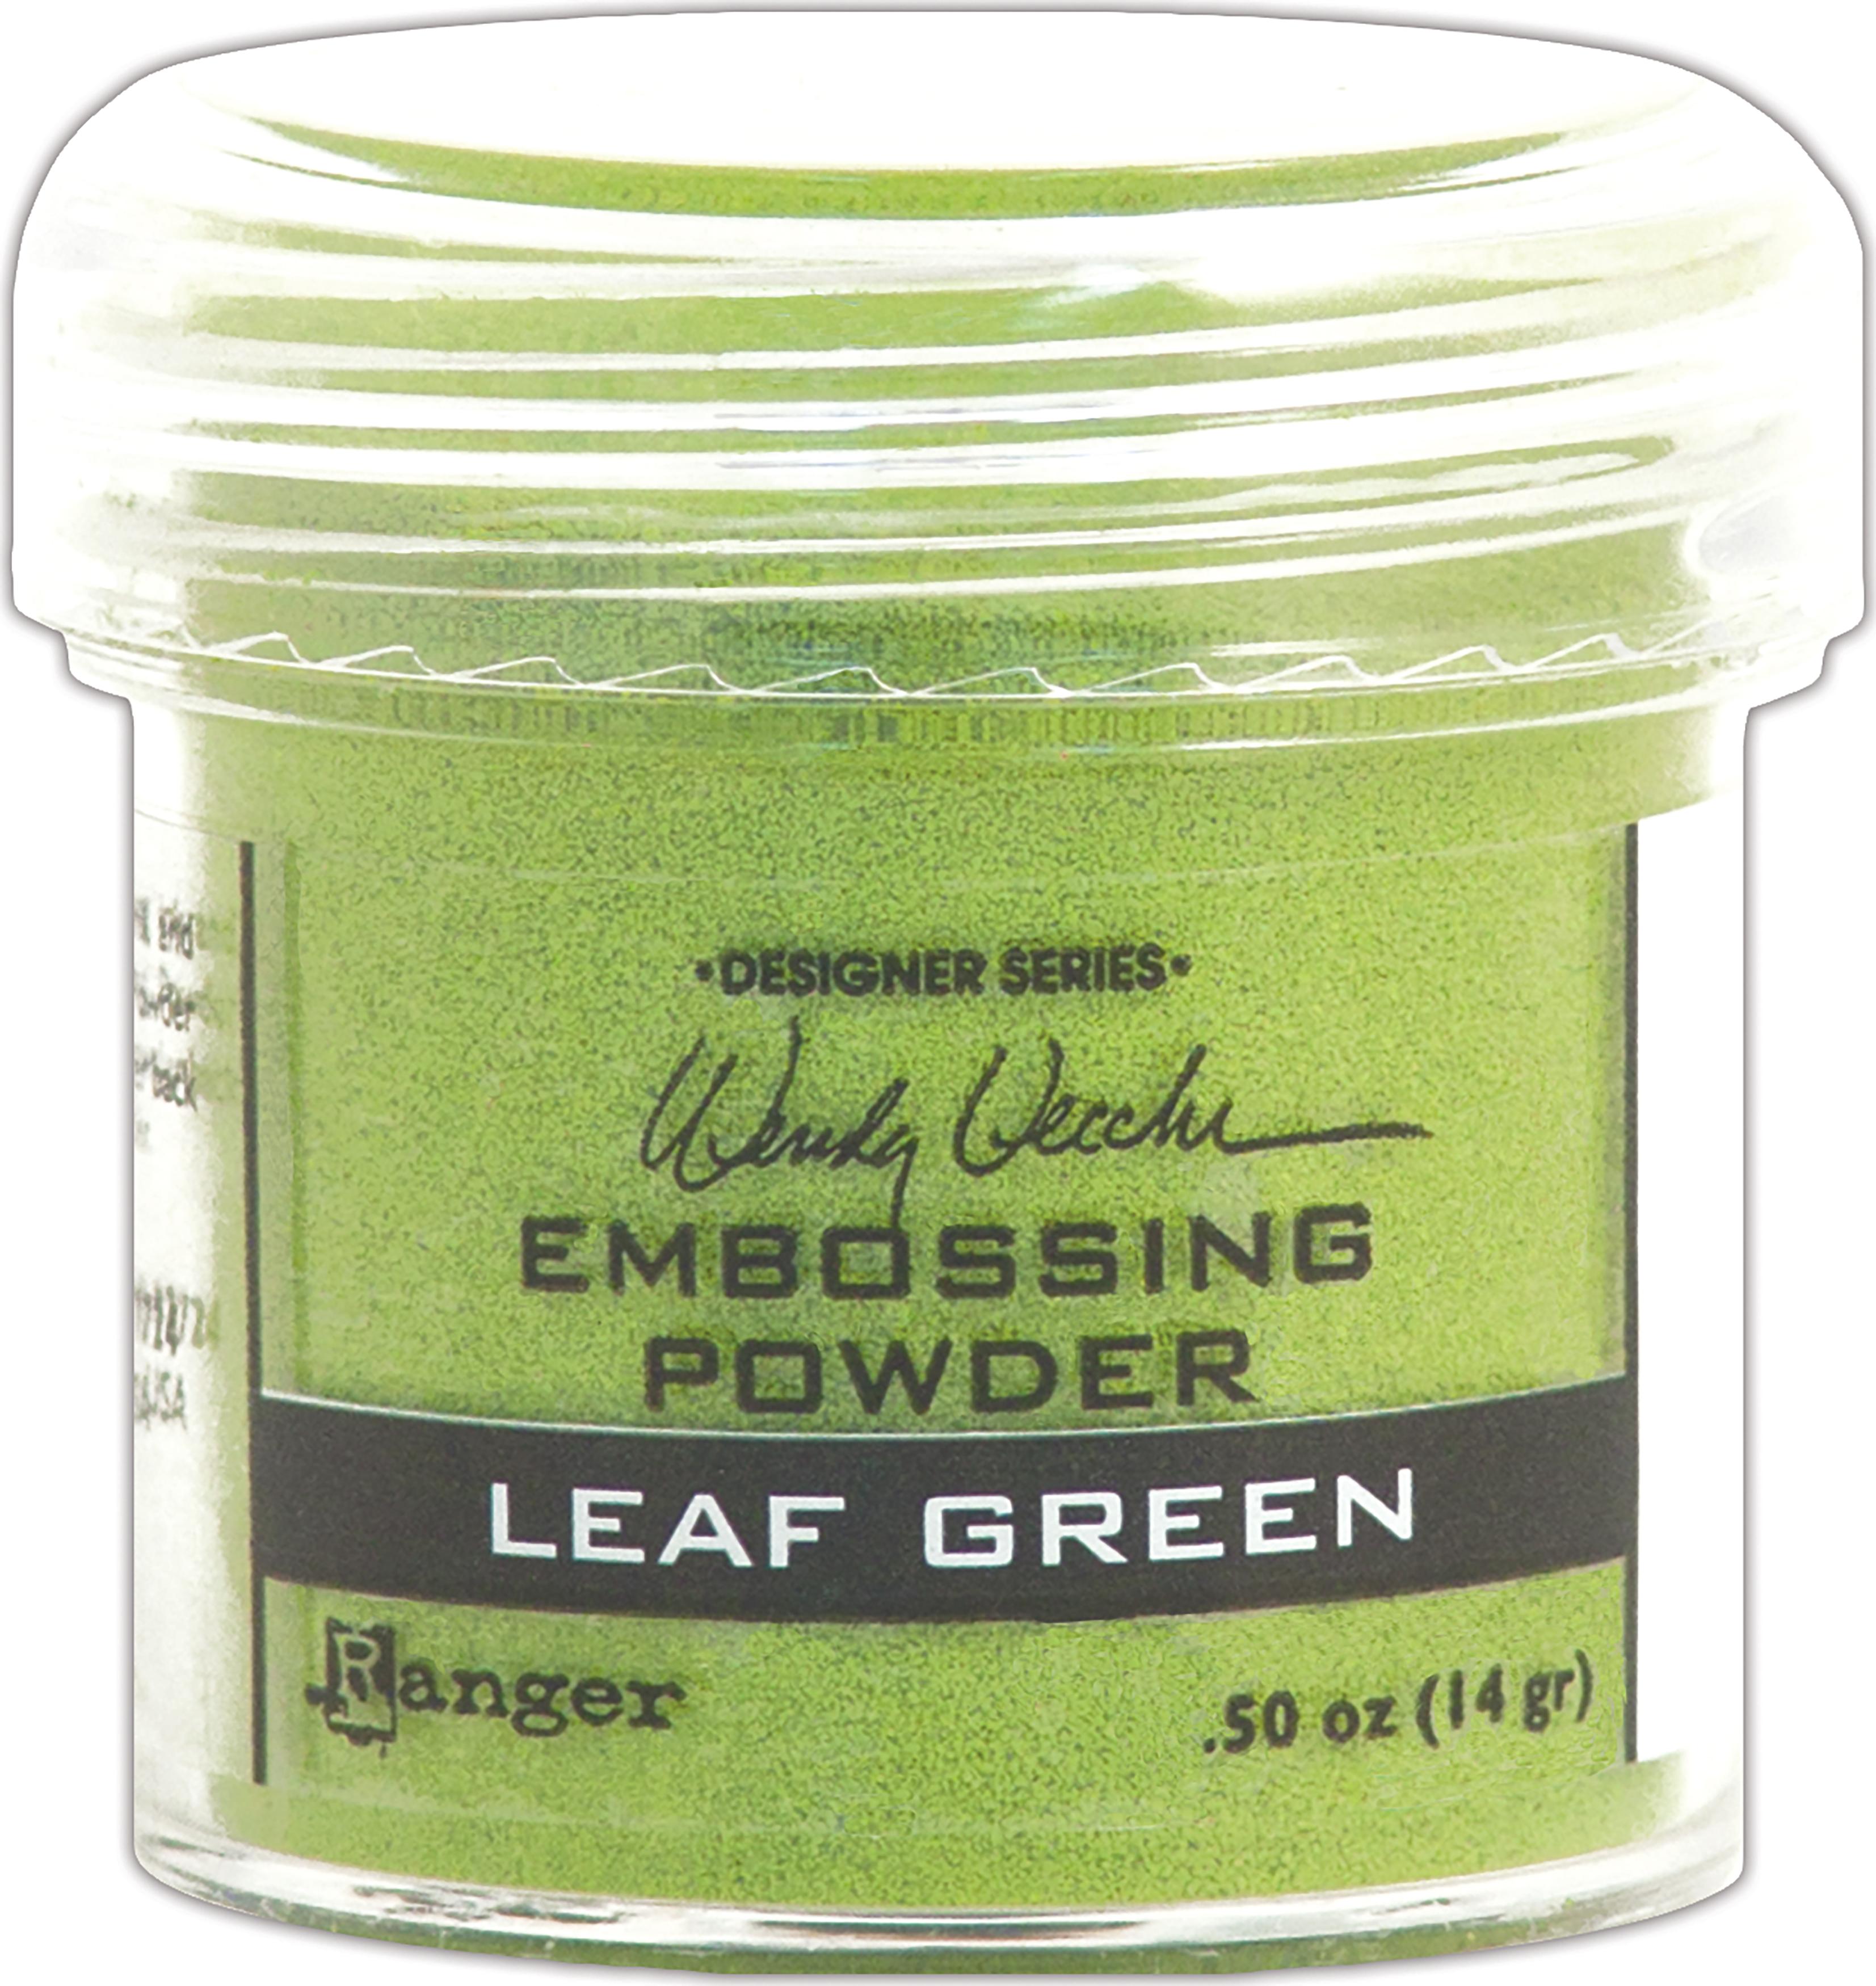 LEAF GREEN-EMBOSSING POWDER